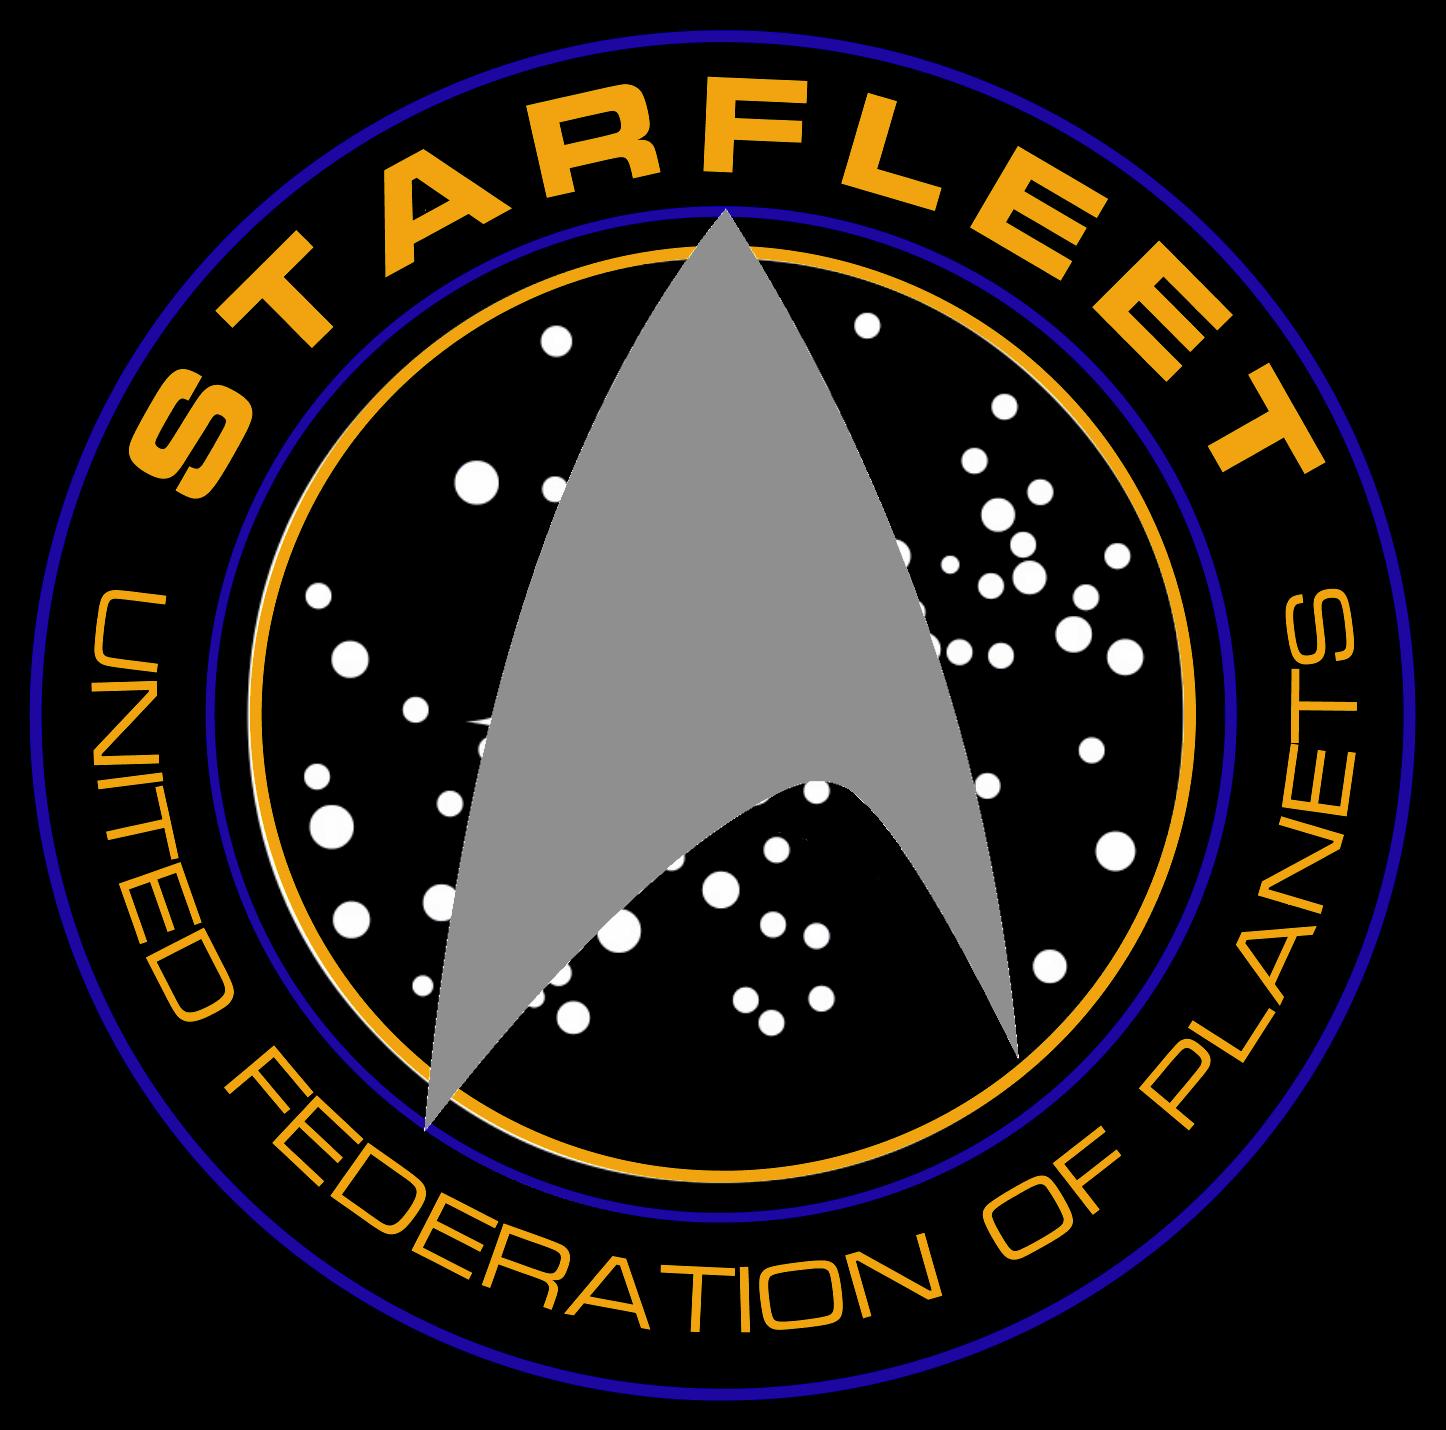 Star Trek Into Darkness Starfleet Insignia By Viperaviator D64pm85 Png 1 446 1 430 Pixel Star Trek Uniforms Star Trek Posters Star Trek Into Darkness